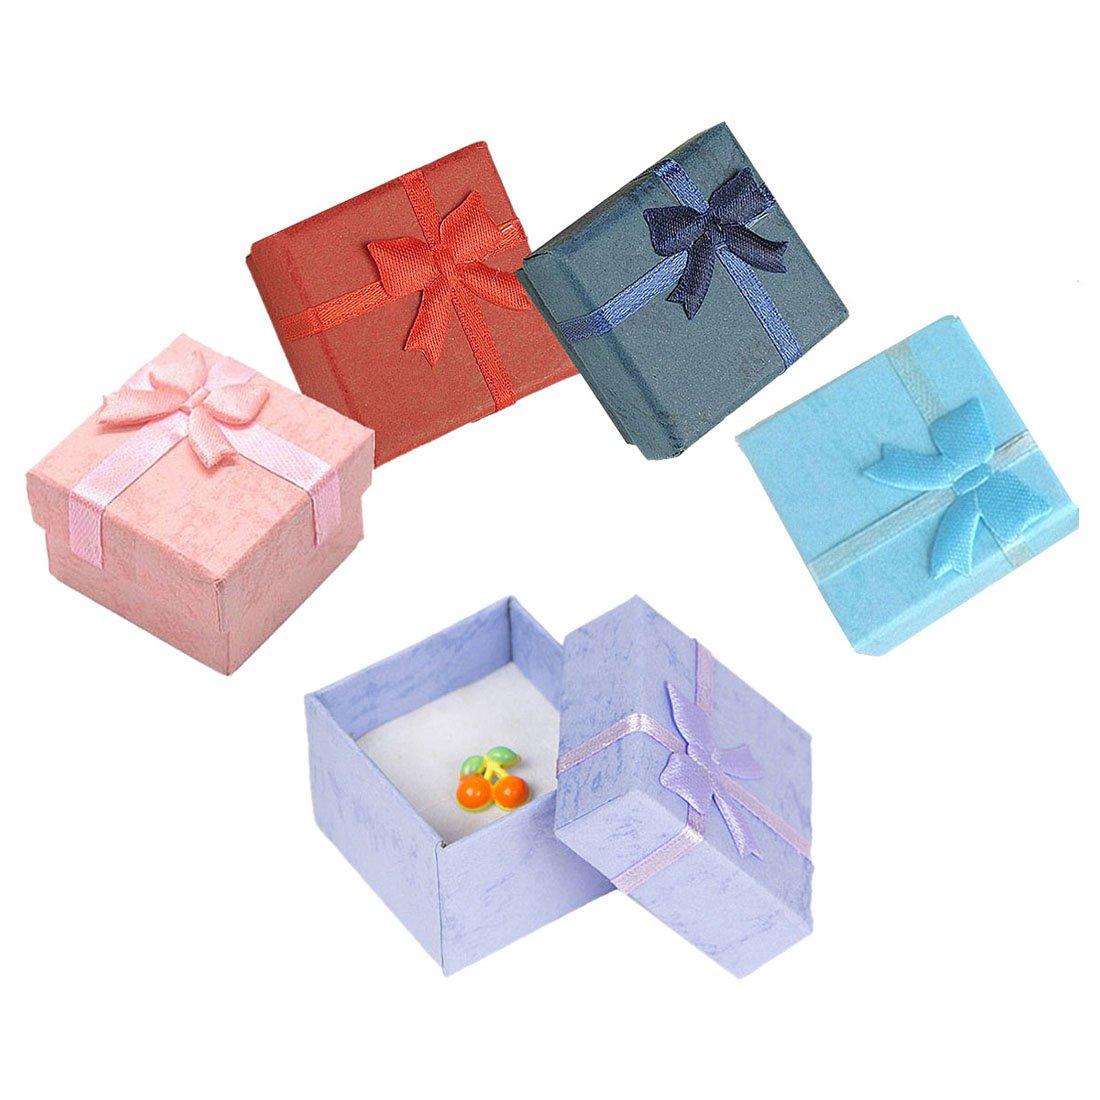 Beducht 5 Pcs Fashion Kleurrijke Nieuwe Sieraden Organizer Box Ringen Opslag Leuke Doos Kleine Gift Box Voor Ringen Oorbellen (3.5x3.5 Cm) Factory Direct Selling Prijs